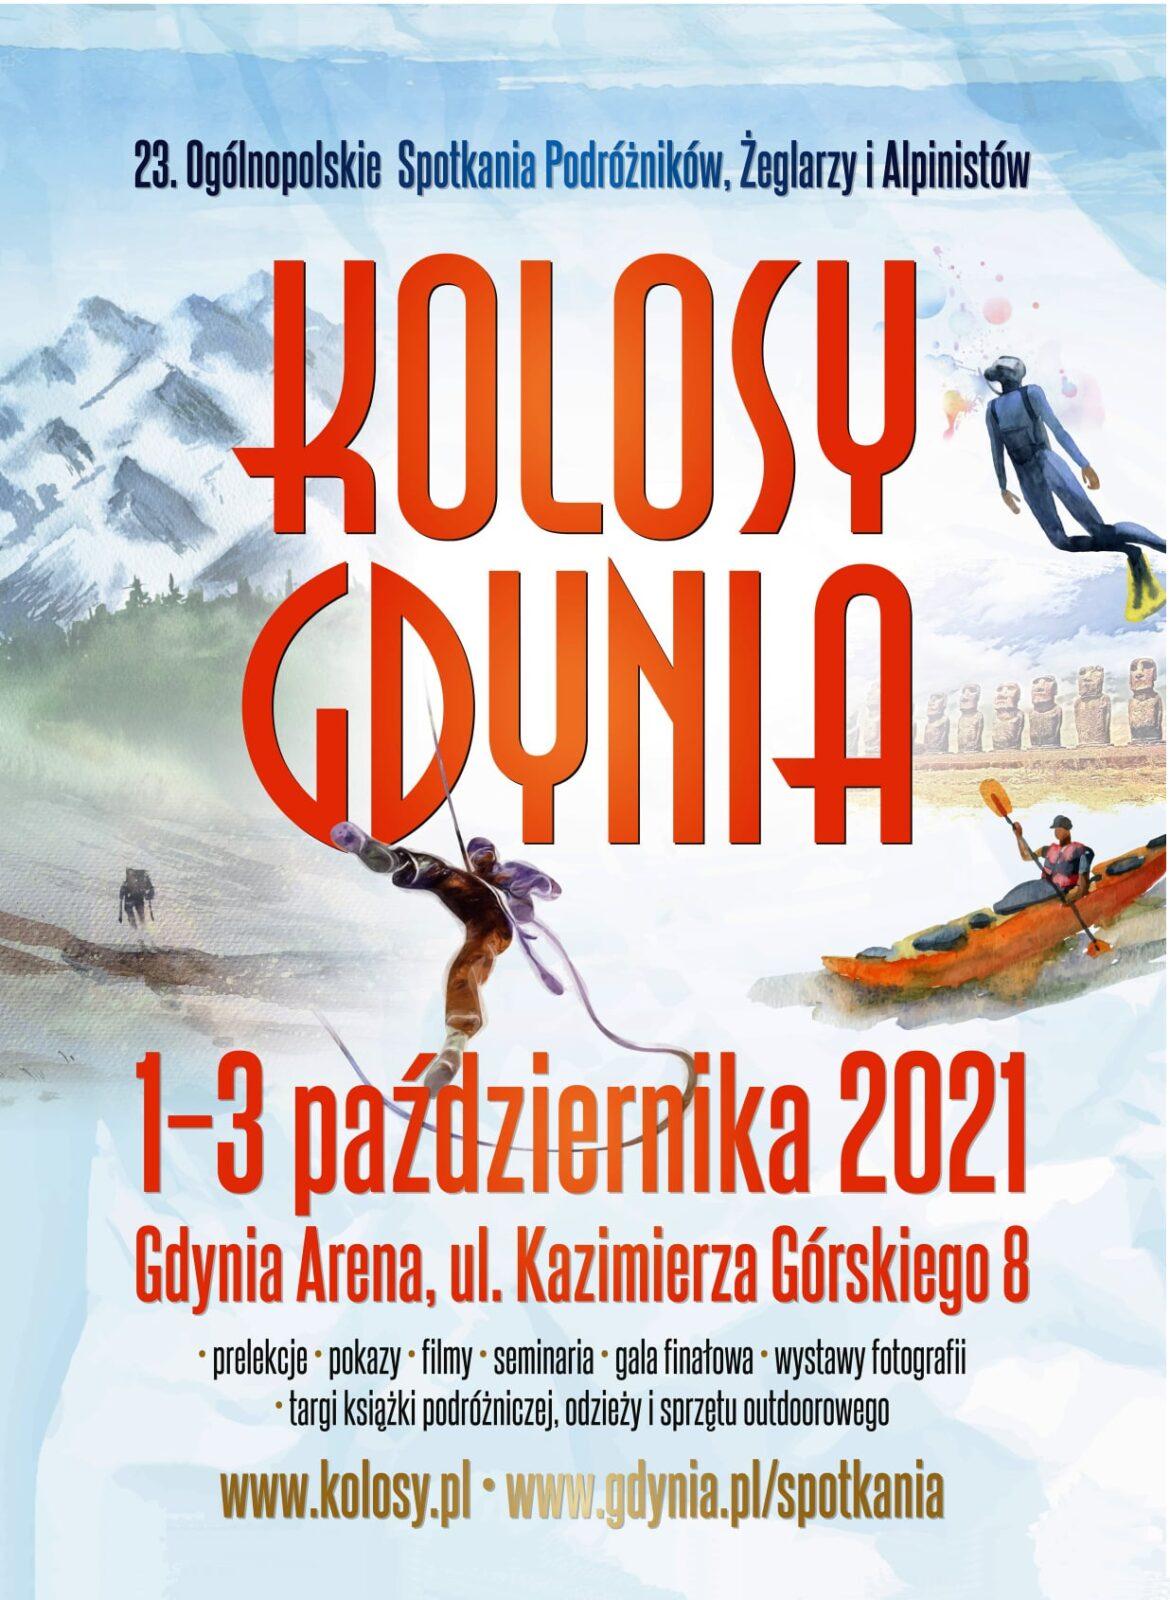 23. Ogólnopolskie Spotkania Podróżników, Żeglarzy i Alpinistów